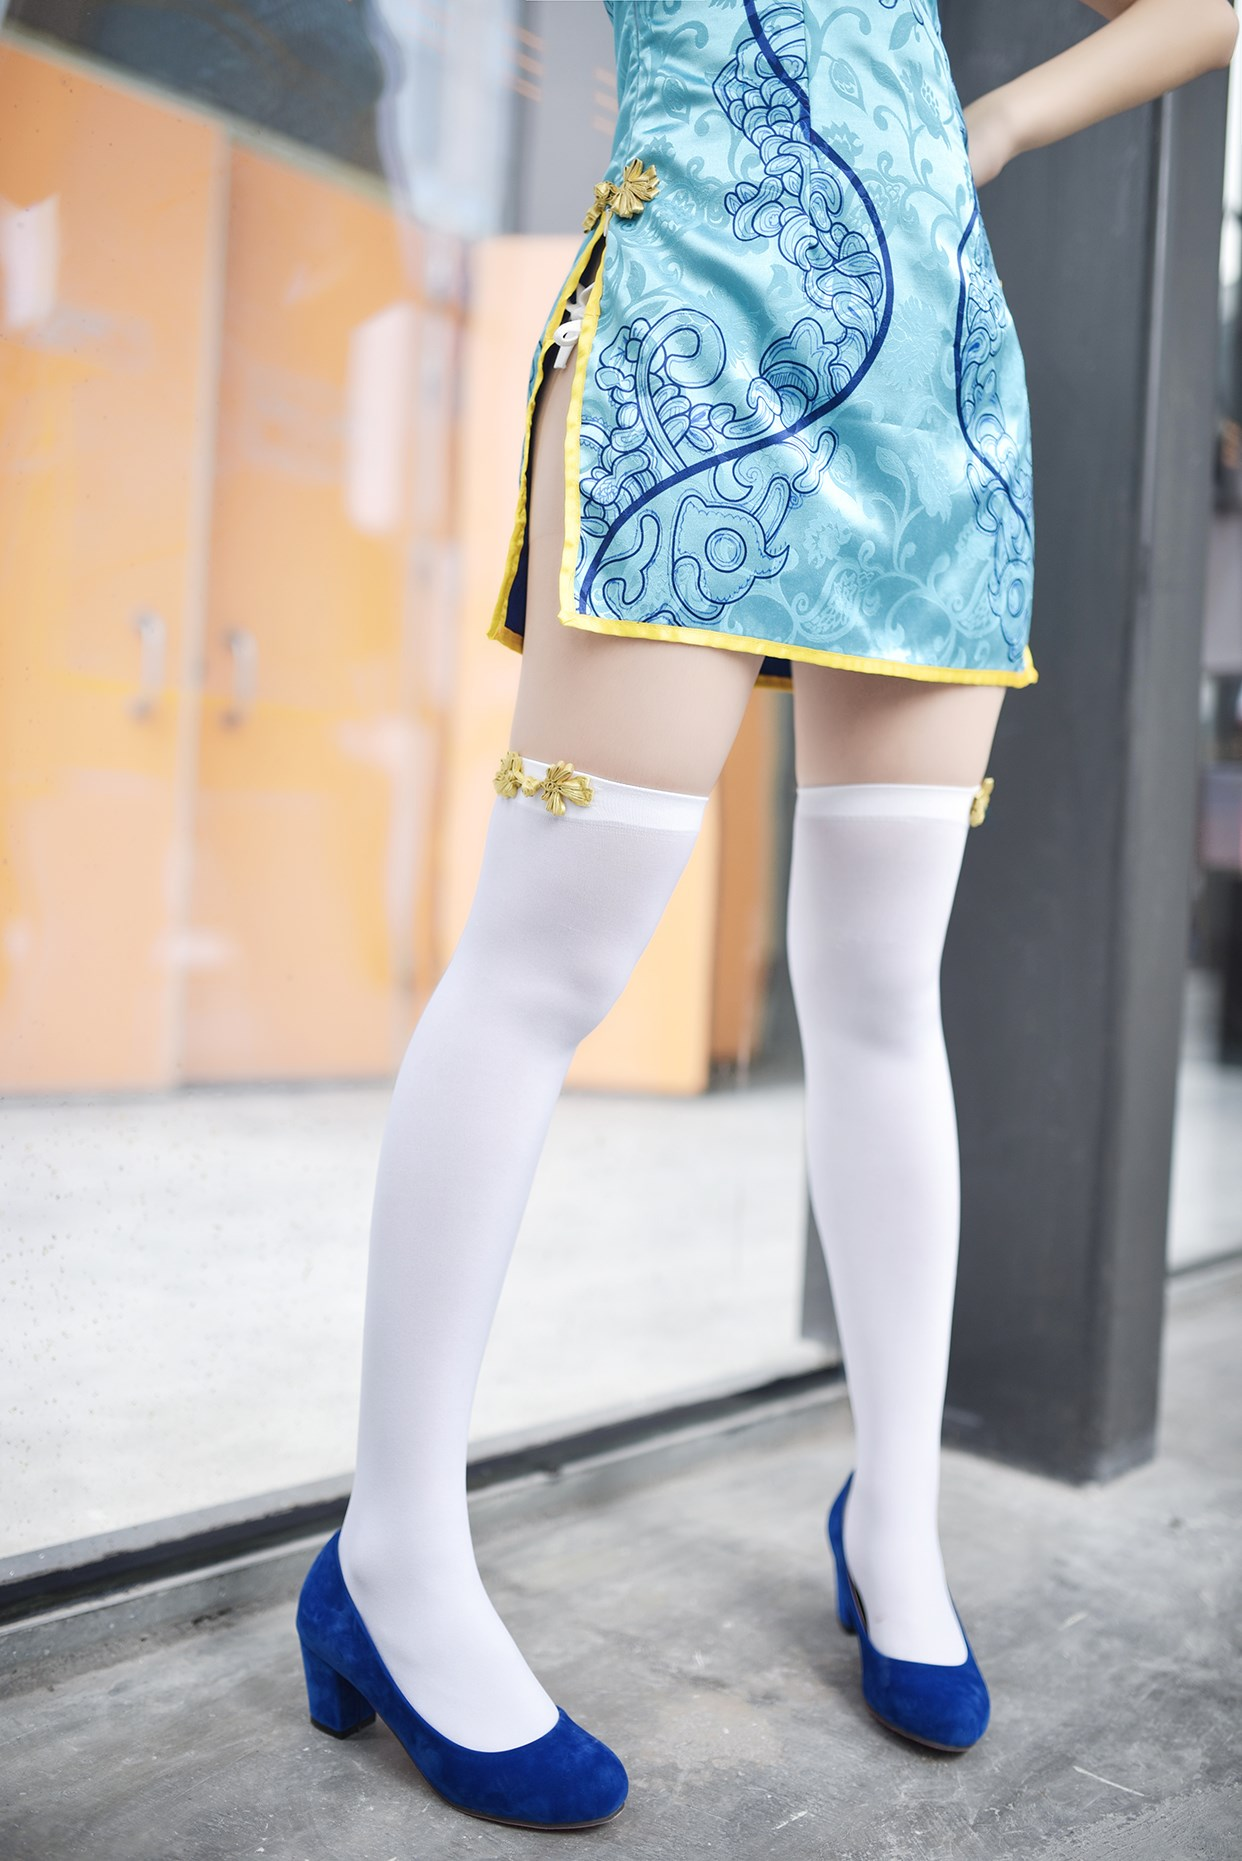 【兔玩映画】超卡哇伊的旗袍娘 兔玩映画 第46张